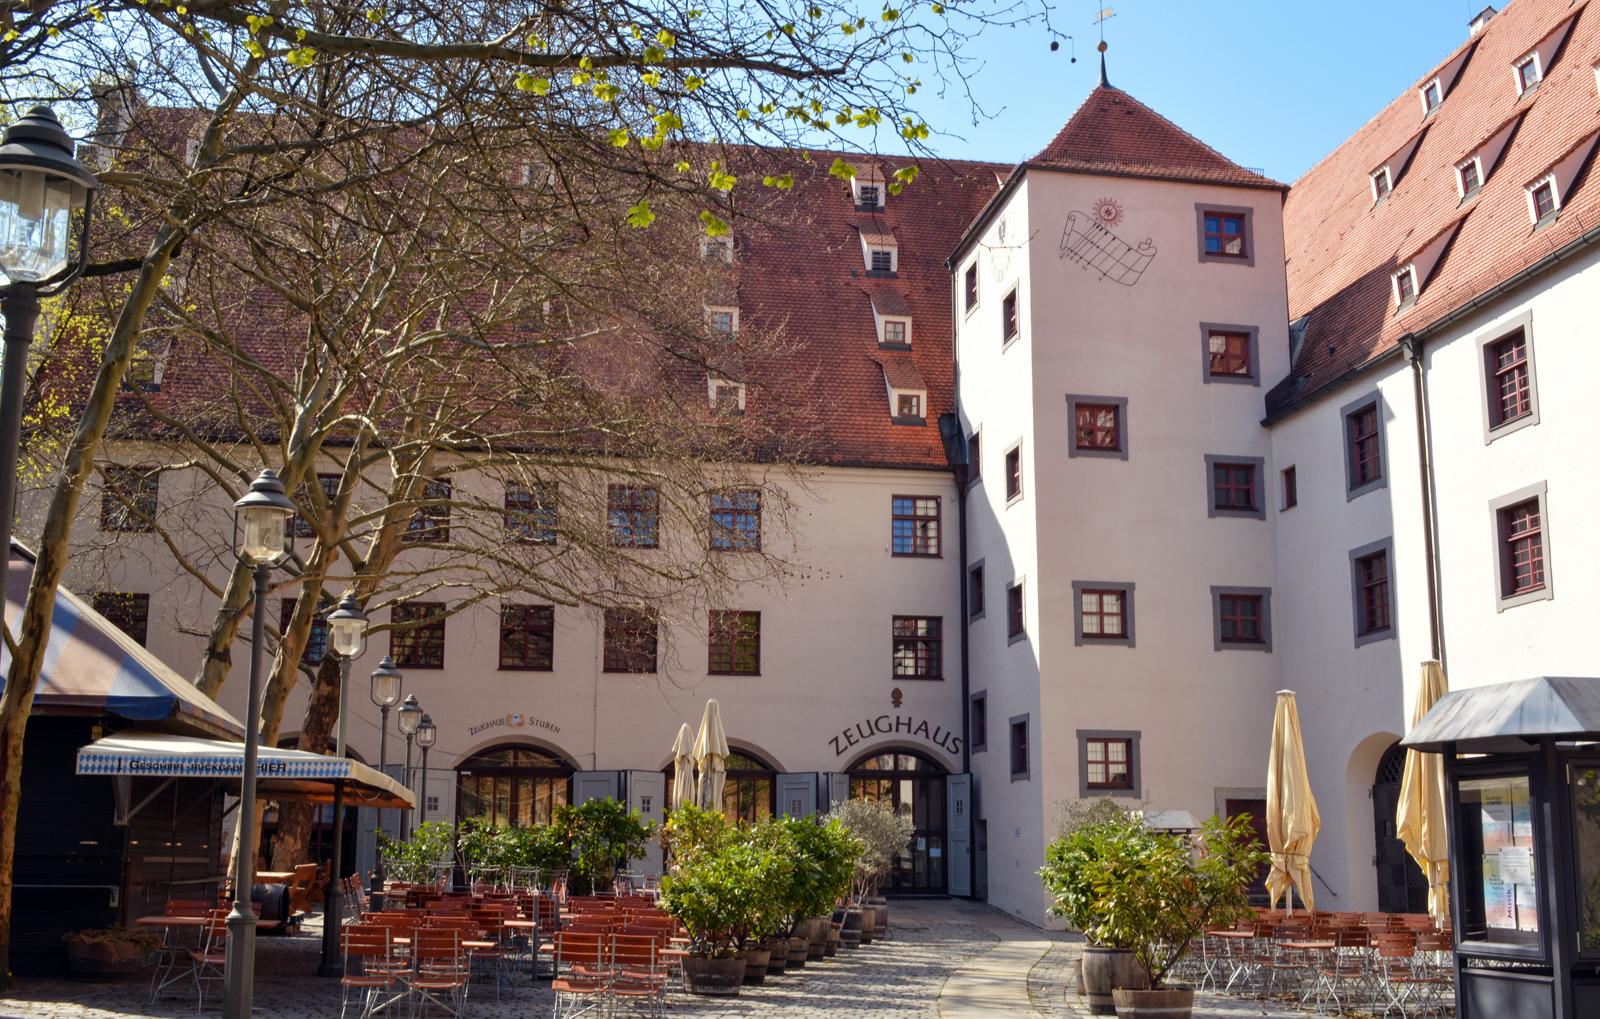 digitale-stadtfuehrungen-augsburg-bg5